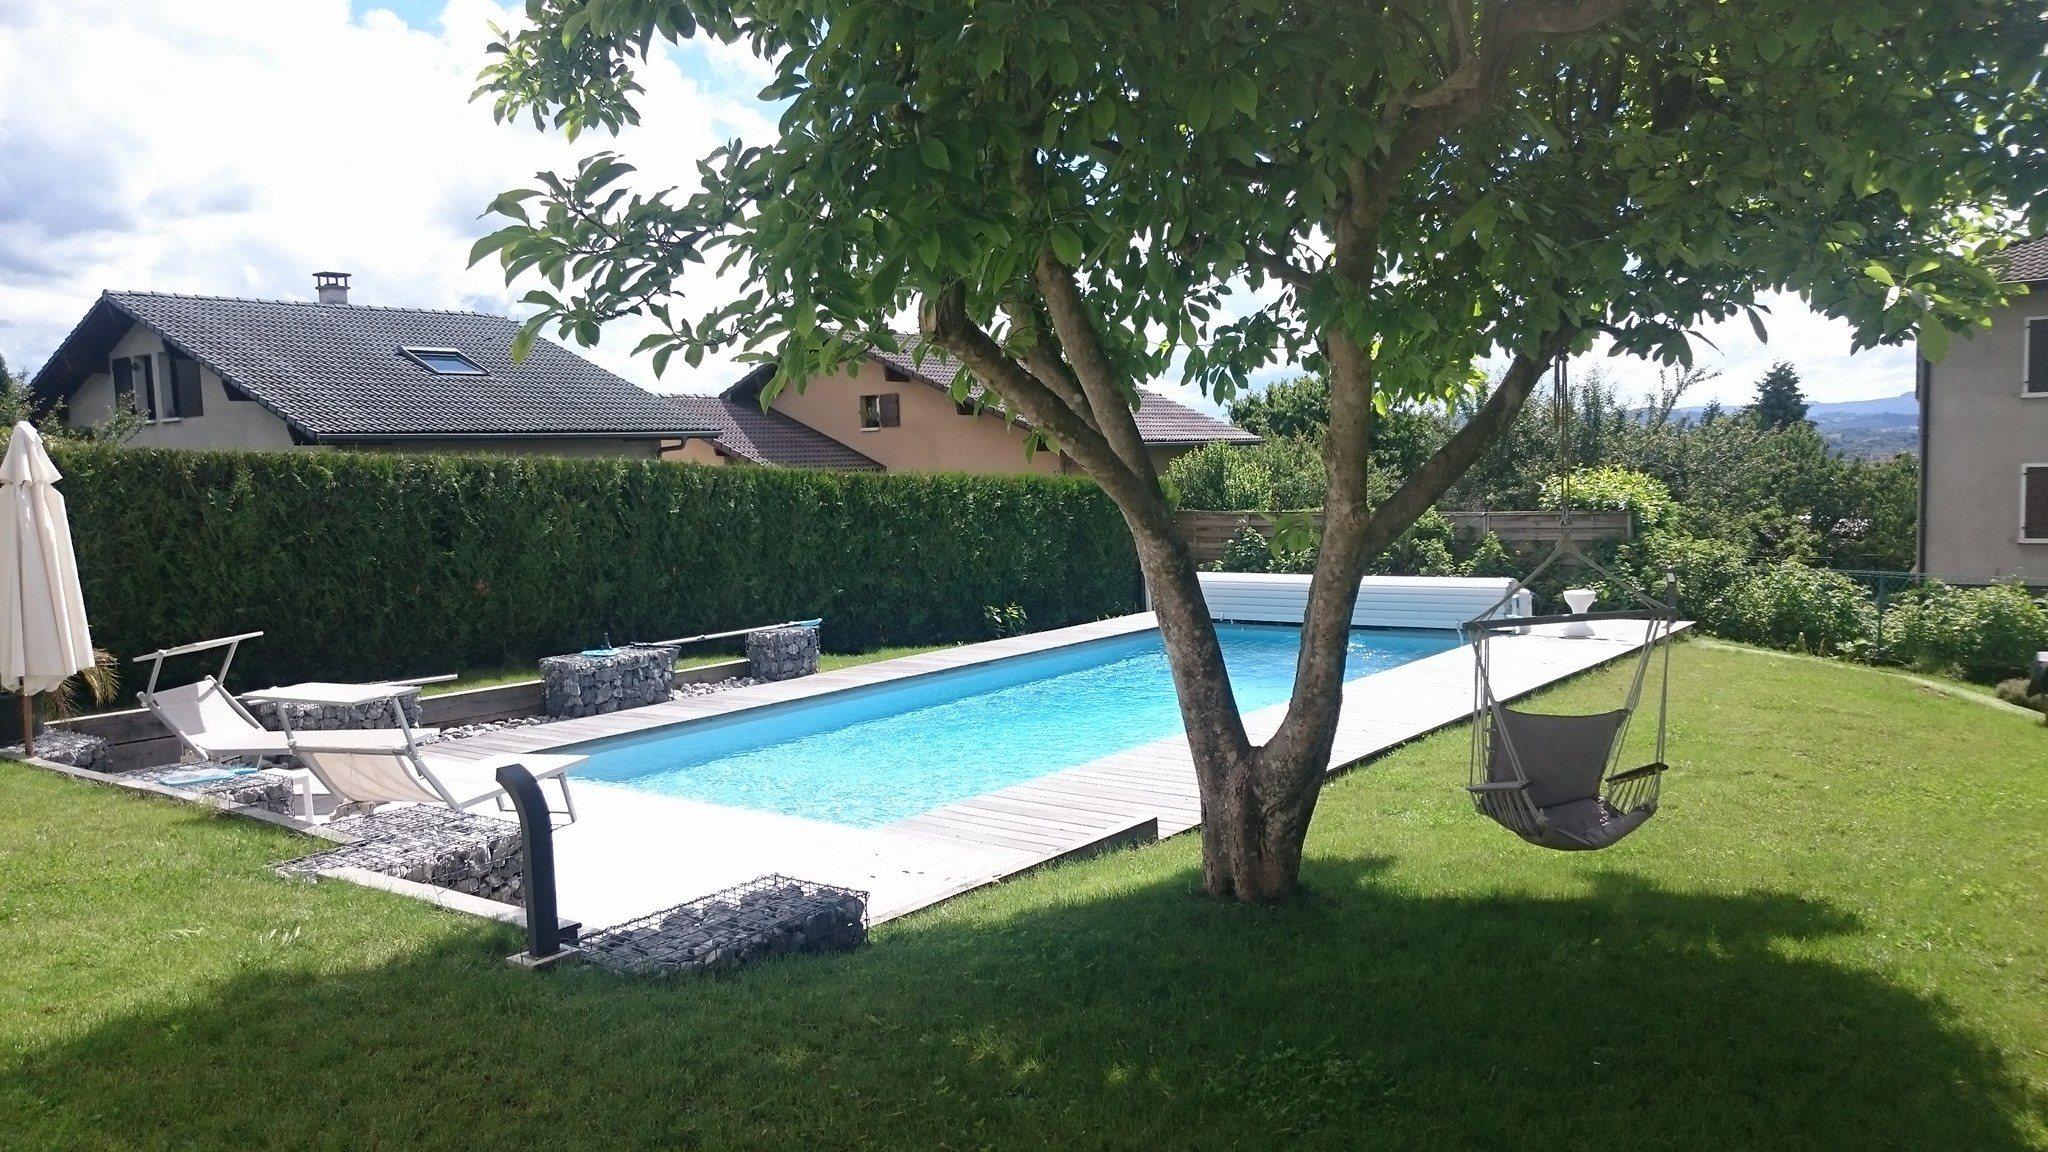 13415677 846682708797745 6256531119552270753 o piscines for Robot piscine desjoyaux